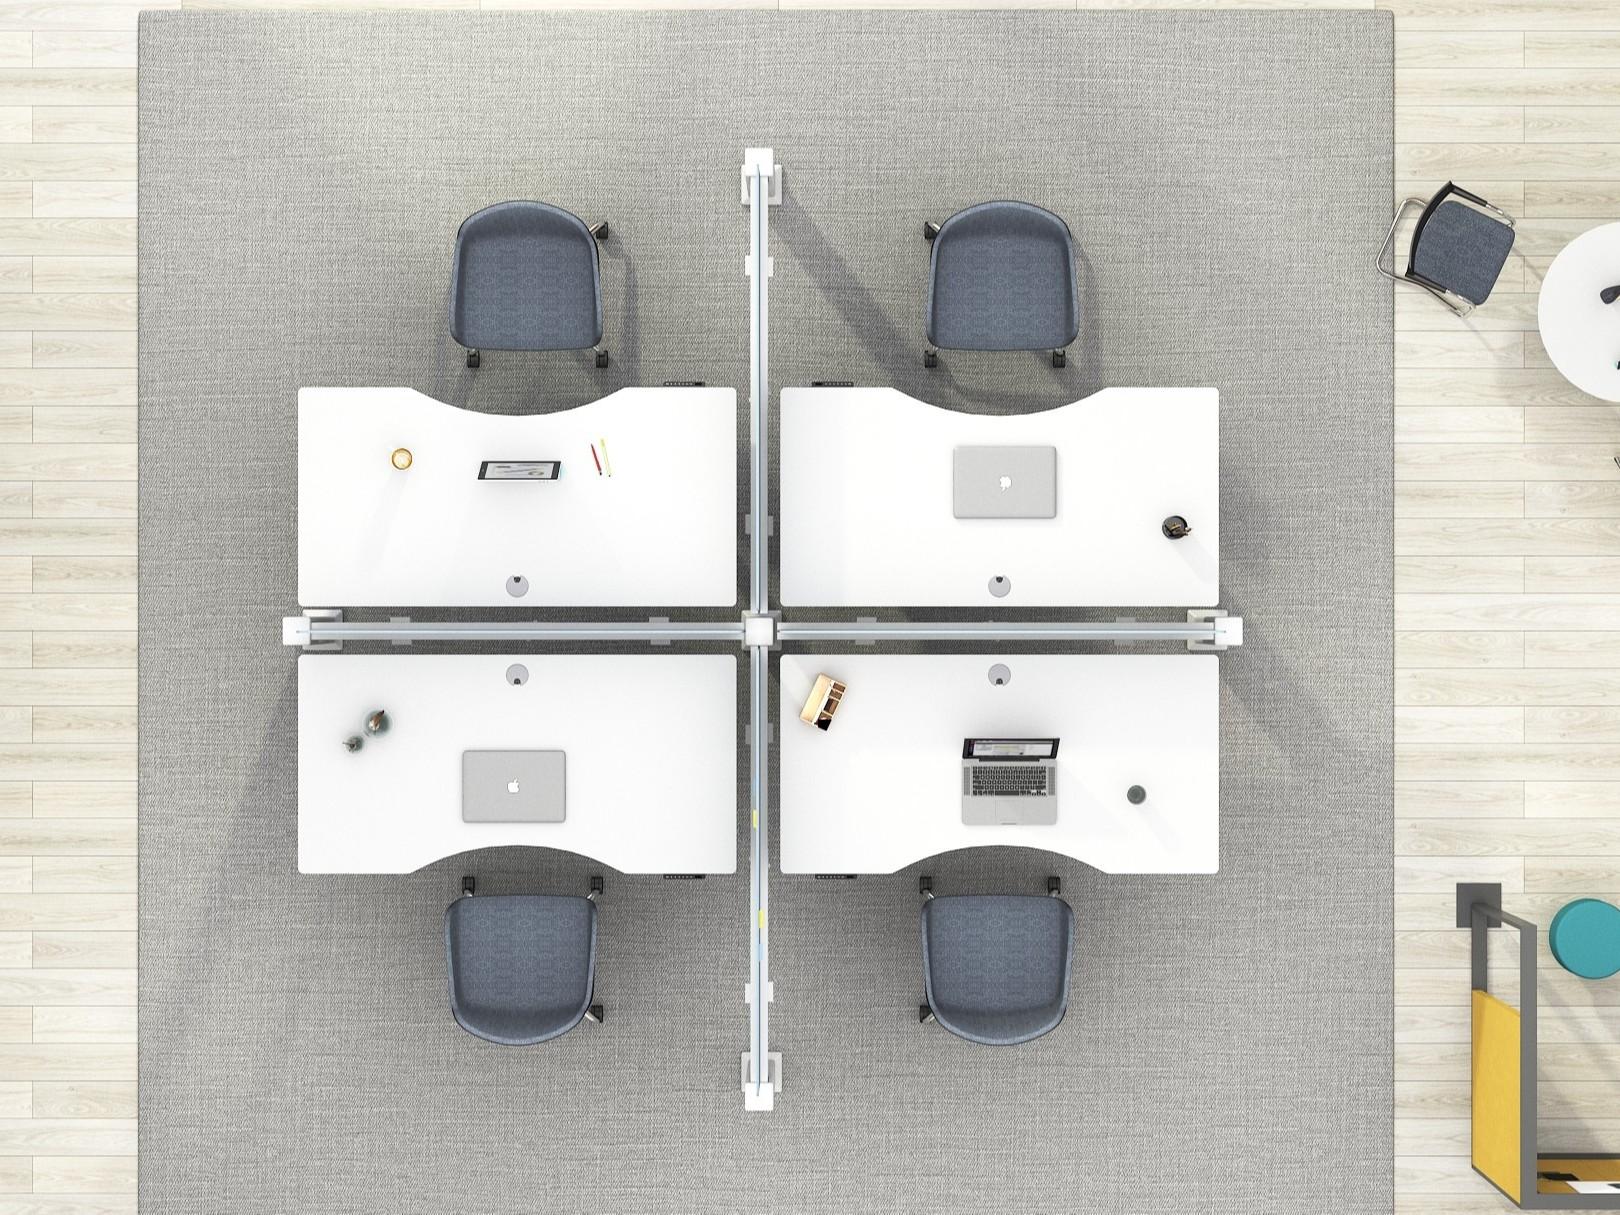 江苏现代办公家具厂家分享:如何采购办公家具达到预期效果?